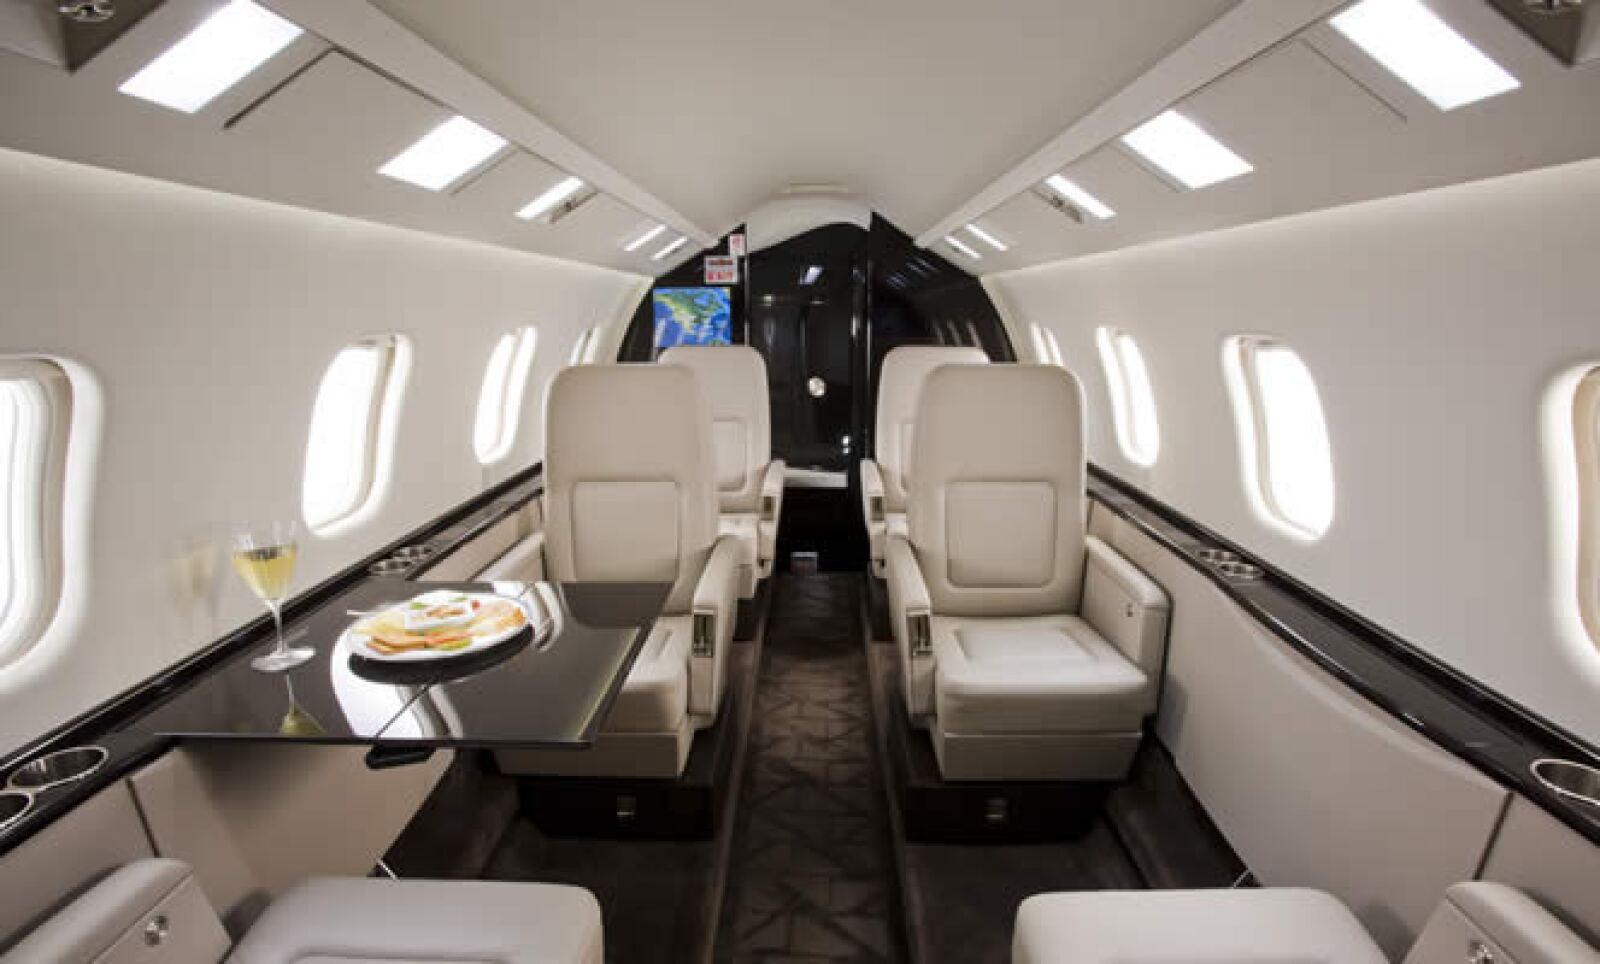 La comodidad es un factor crucial en el el Learjet, tiene iluminación de LEDS, cuenta con páneles de control táctiles para acceso a televisión, DVD, radio, reproducción MP3 y Internet de alta velocidad.